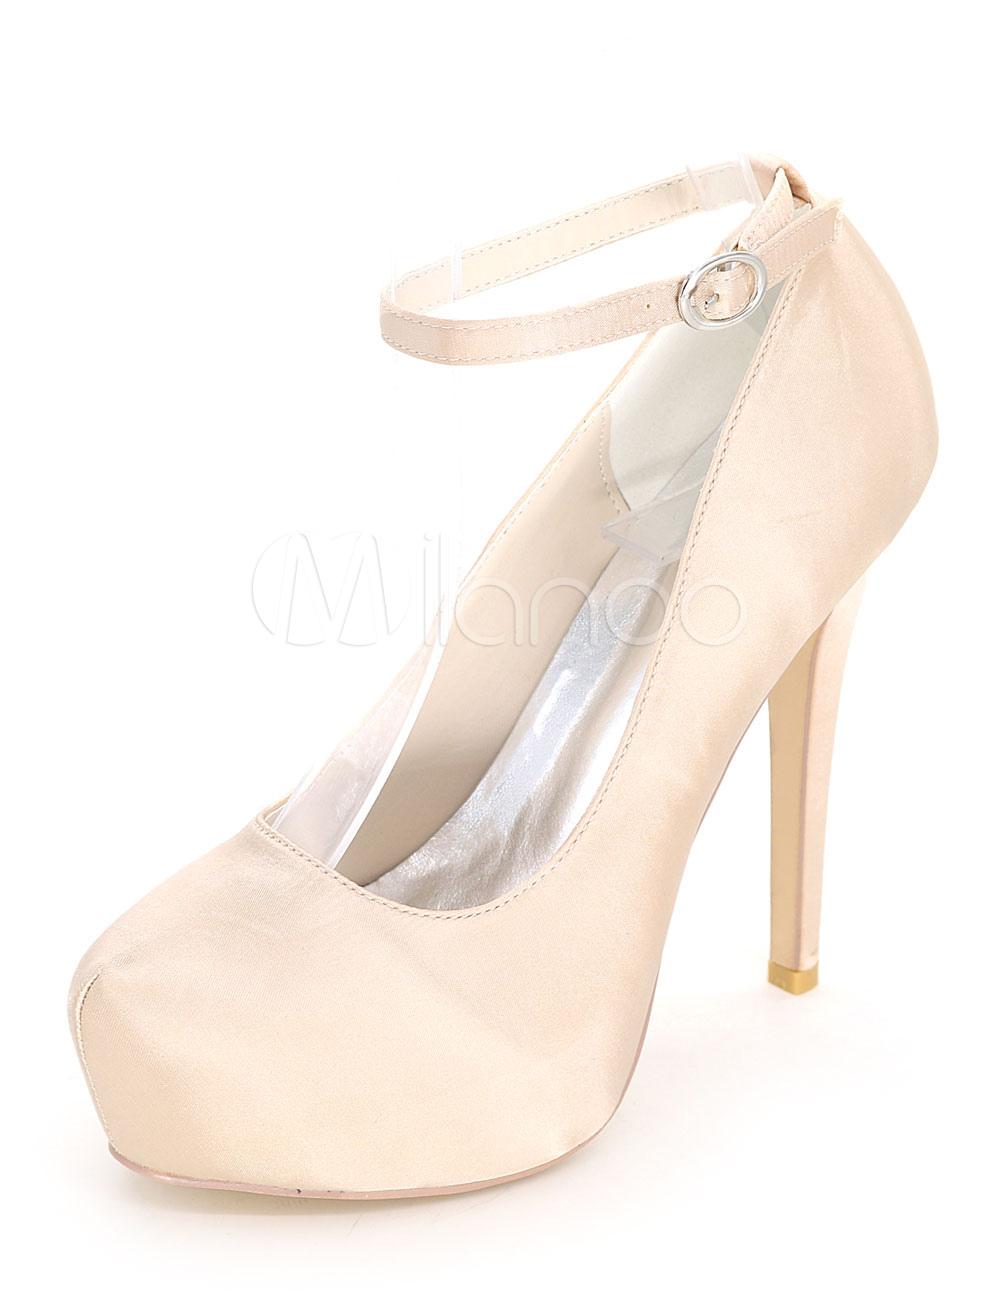 Platform Wedding Shoes High Heel Ankle Strap Satin Bridal Shoes